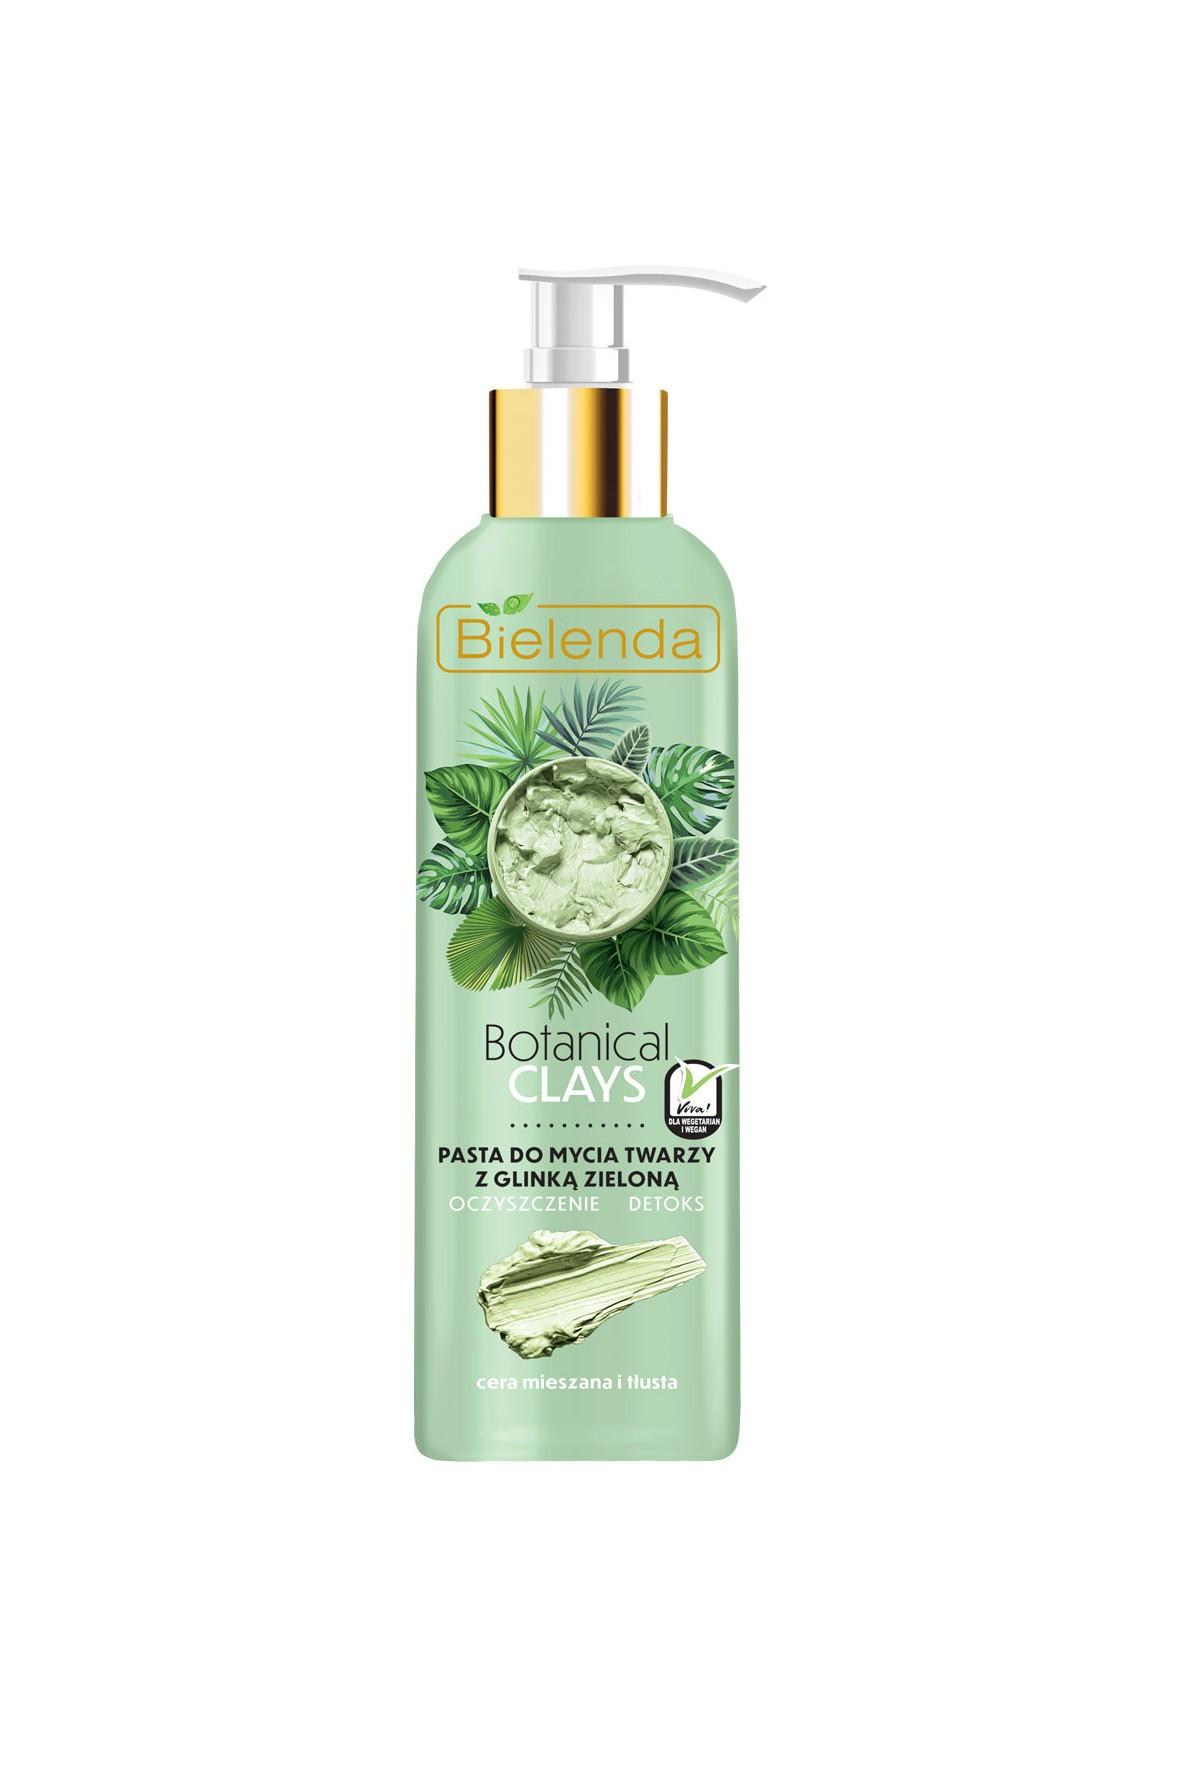 BOTANICAL CLAYS Wegańska pasta do mycia twarzy z glinką zieloną  -190 g